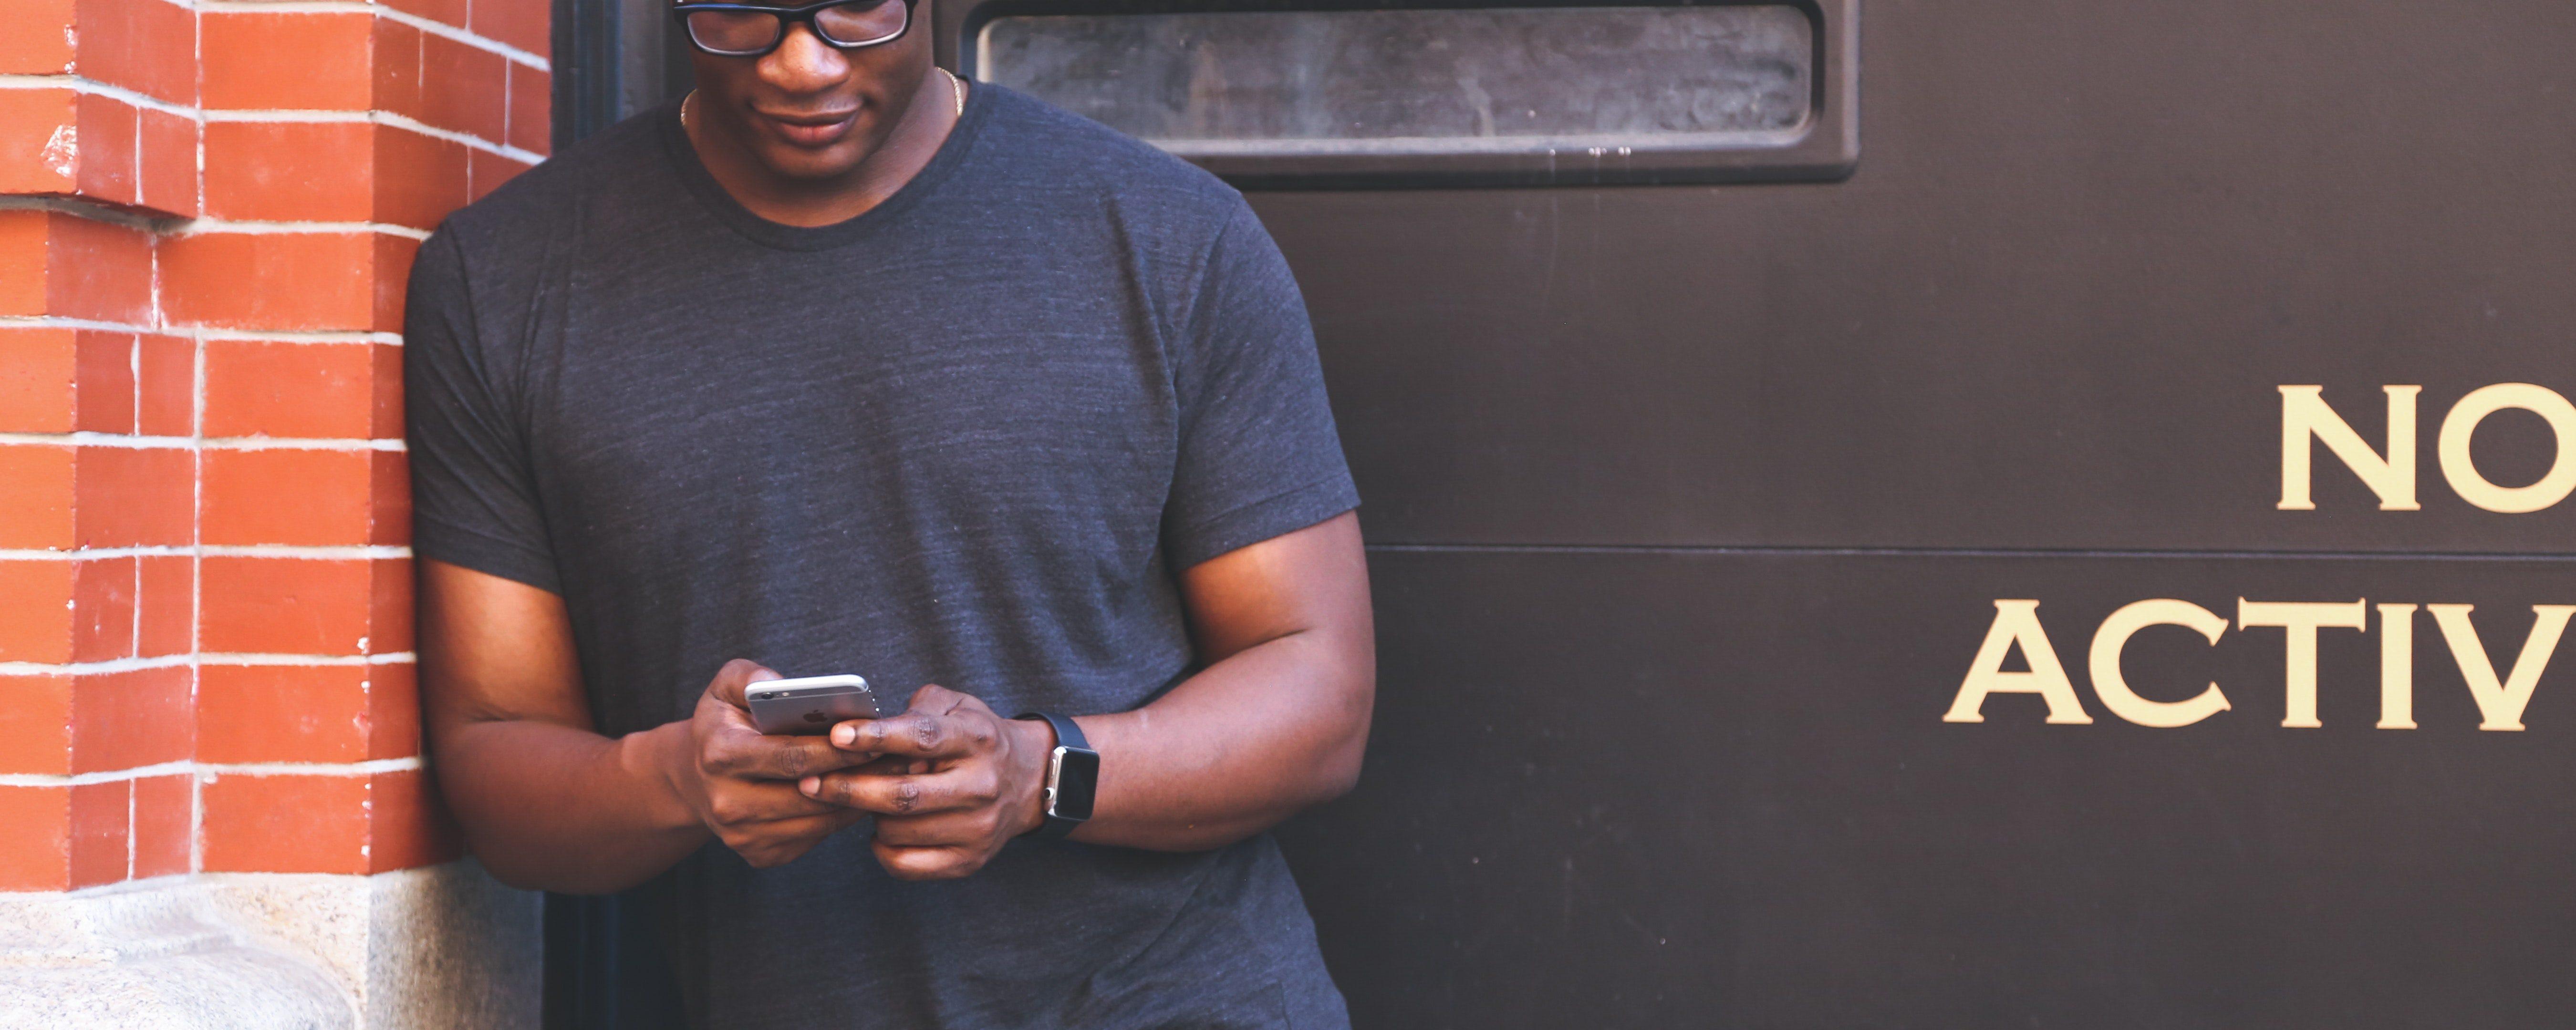 La pubblicità si sposta sul mobile